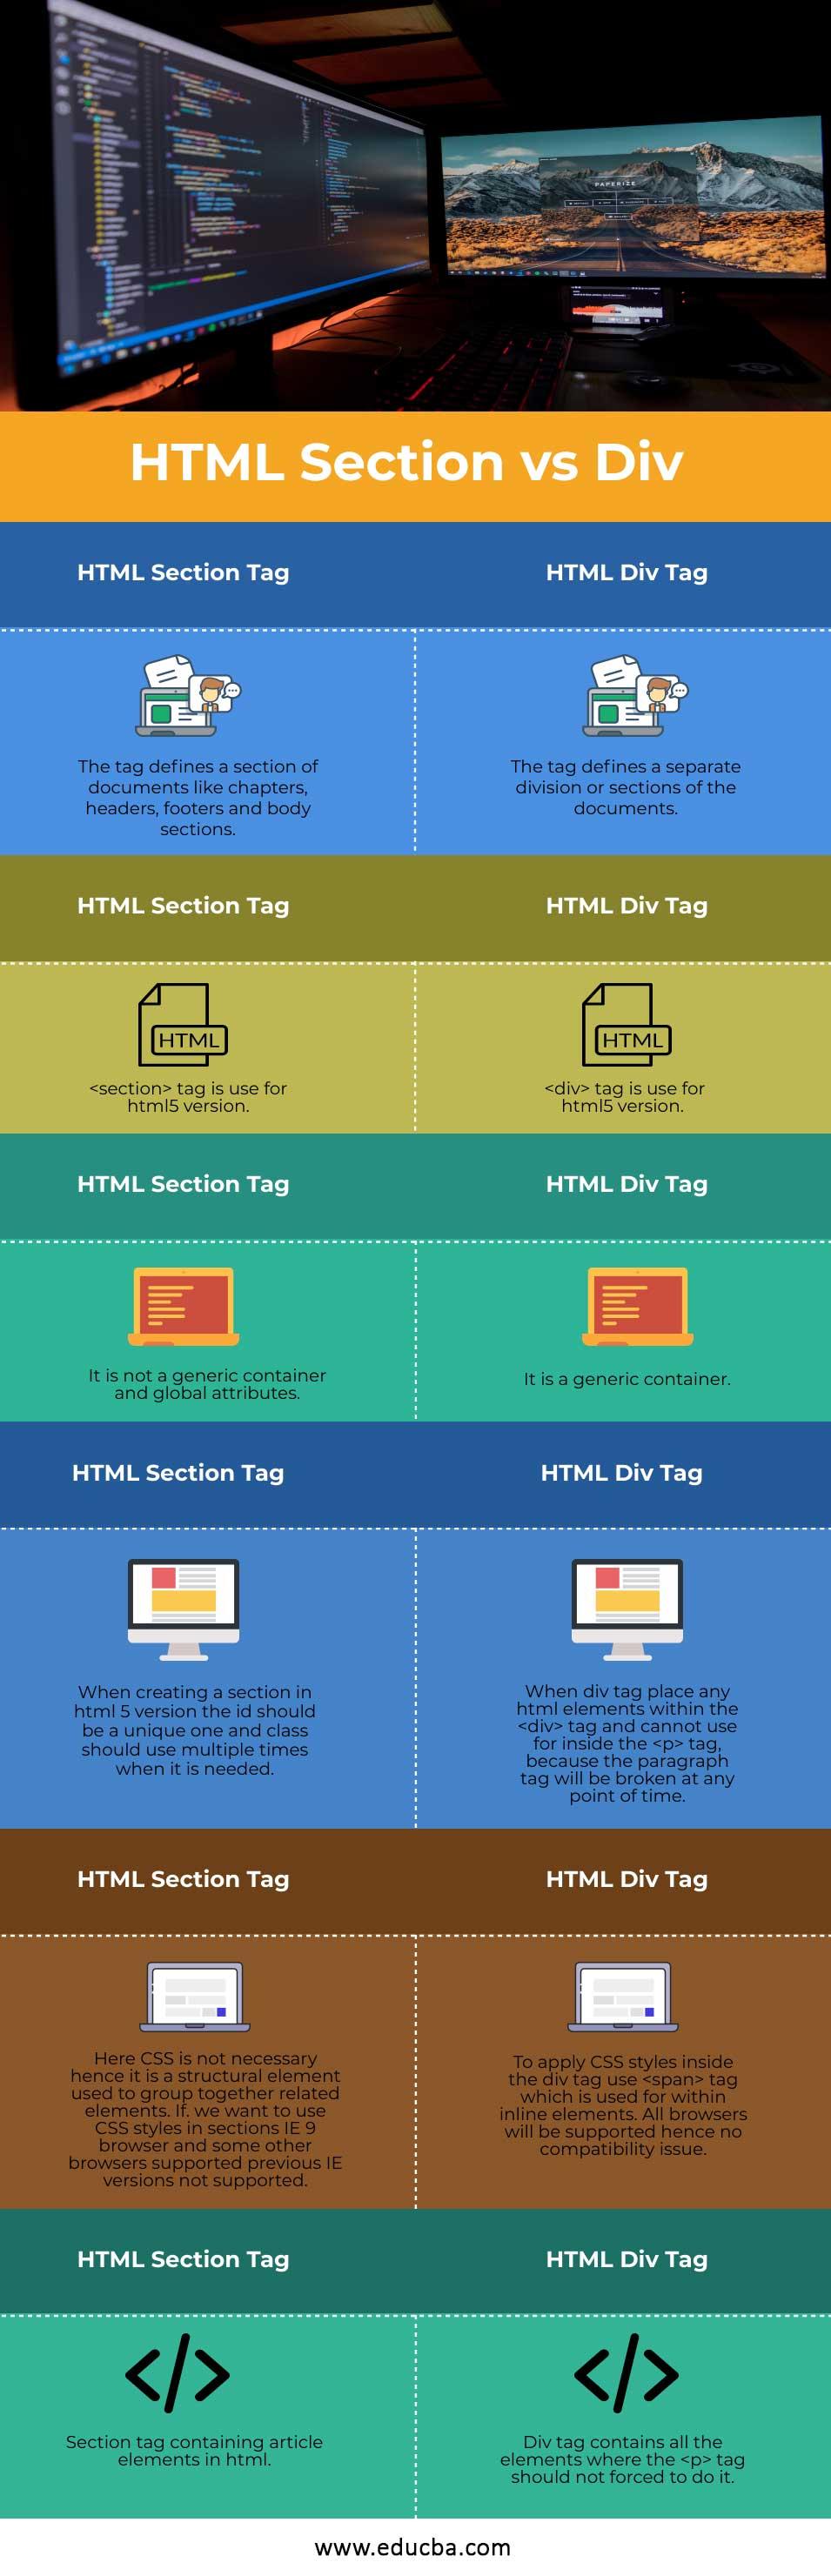 HTML-Section-vs-Div-info